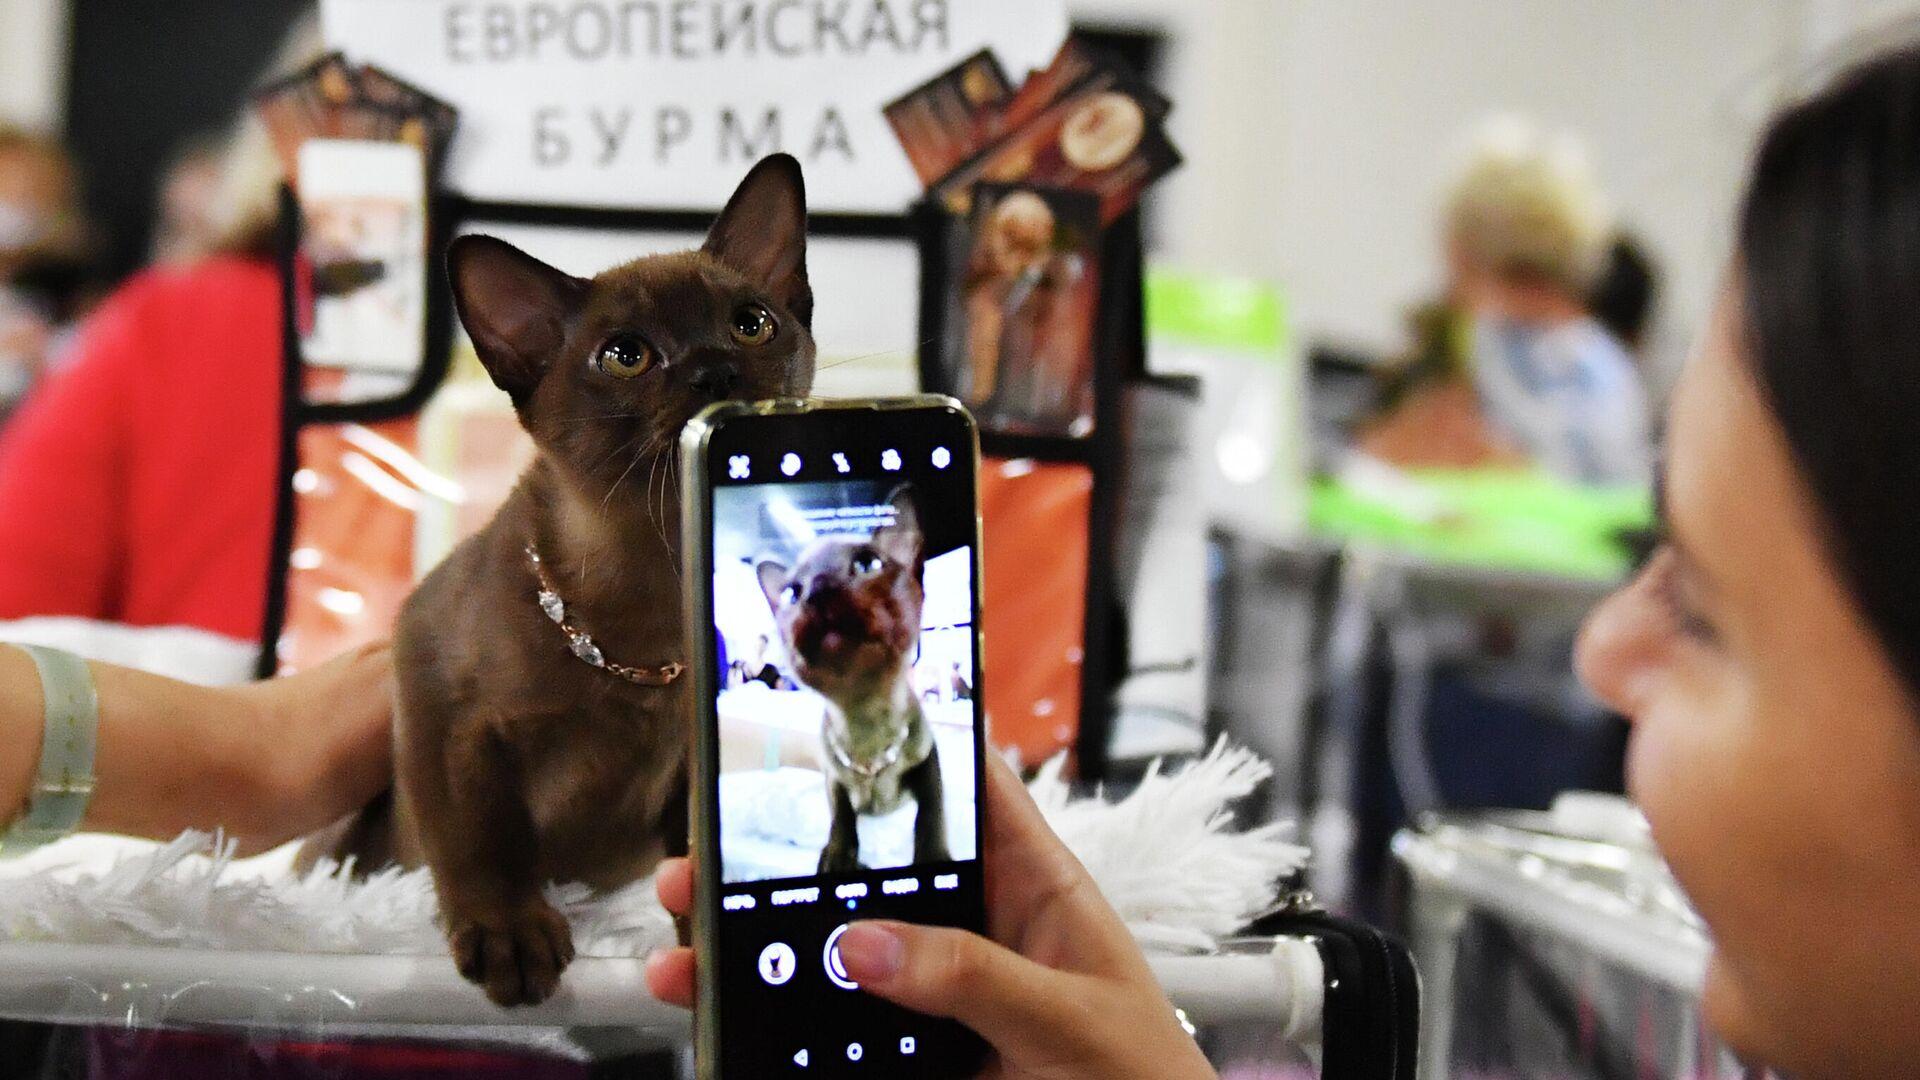 Эксперт рассказал о самых опасных уязвимостях смартфонов